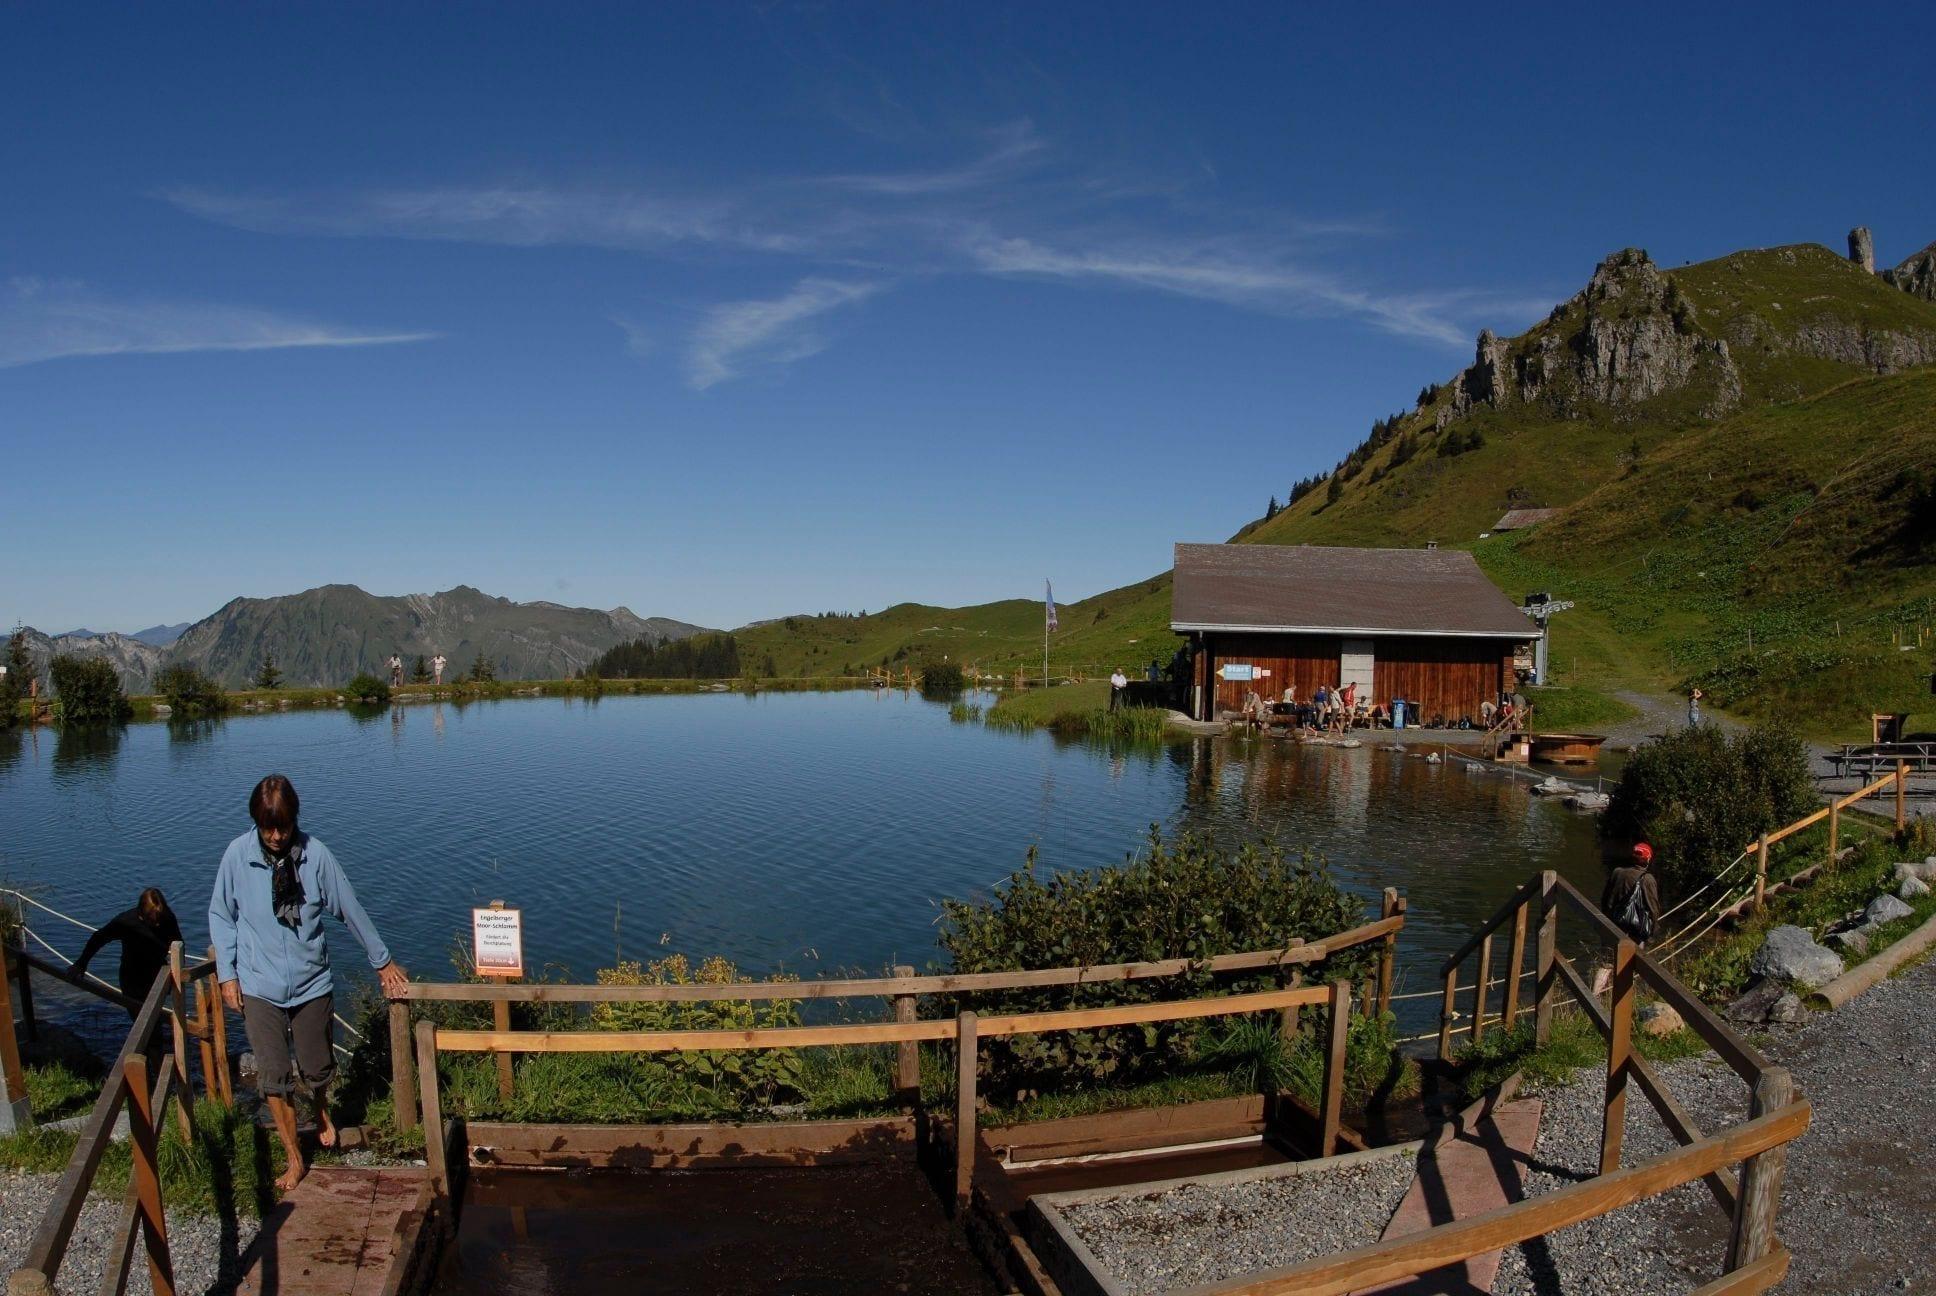 Klettersteig Brunni : Engelberg brunni ow kneippanlage kitzelpfad härzlisee